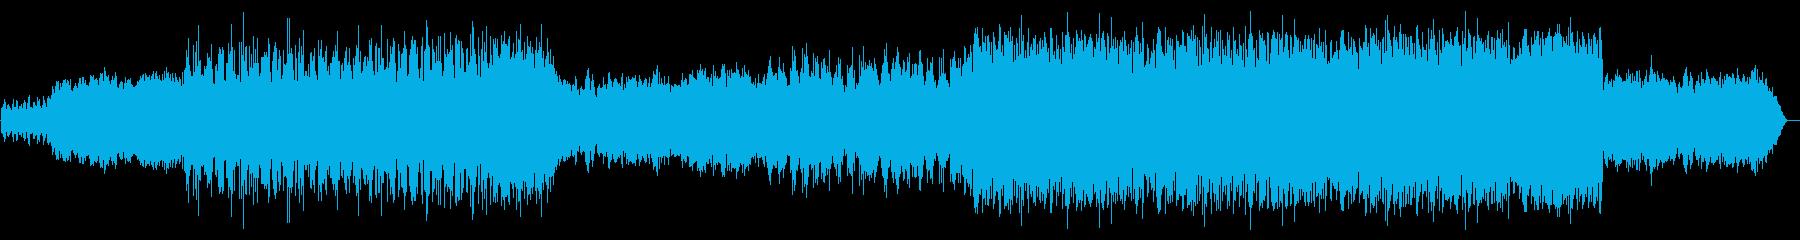 シンセとストリングスのアンビエントな作品の再生済みの波形